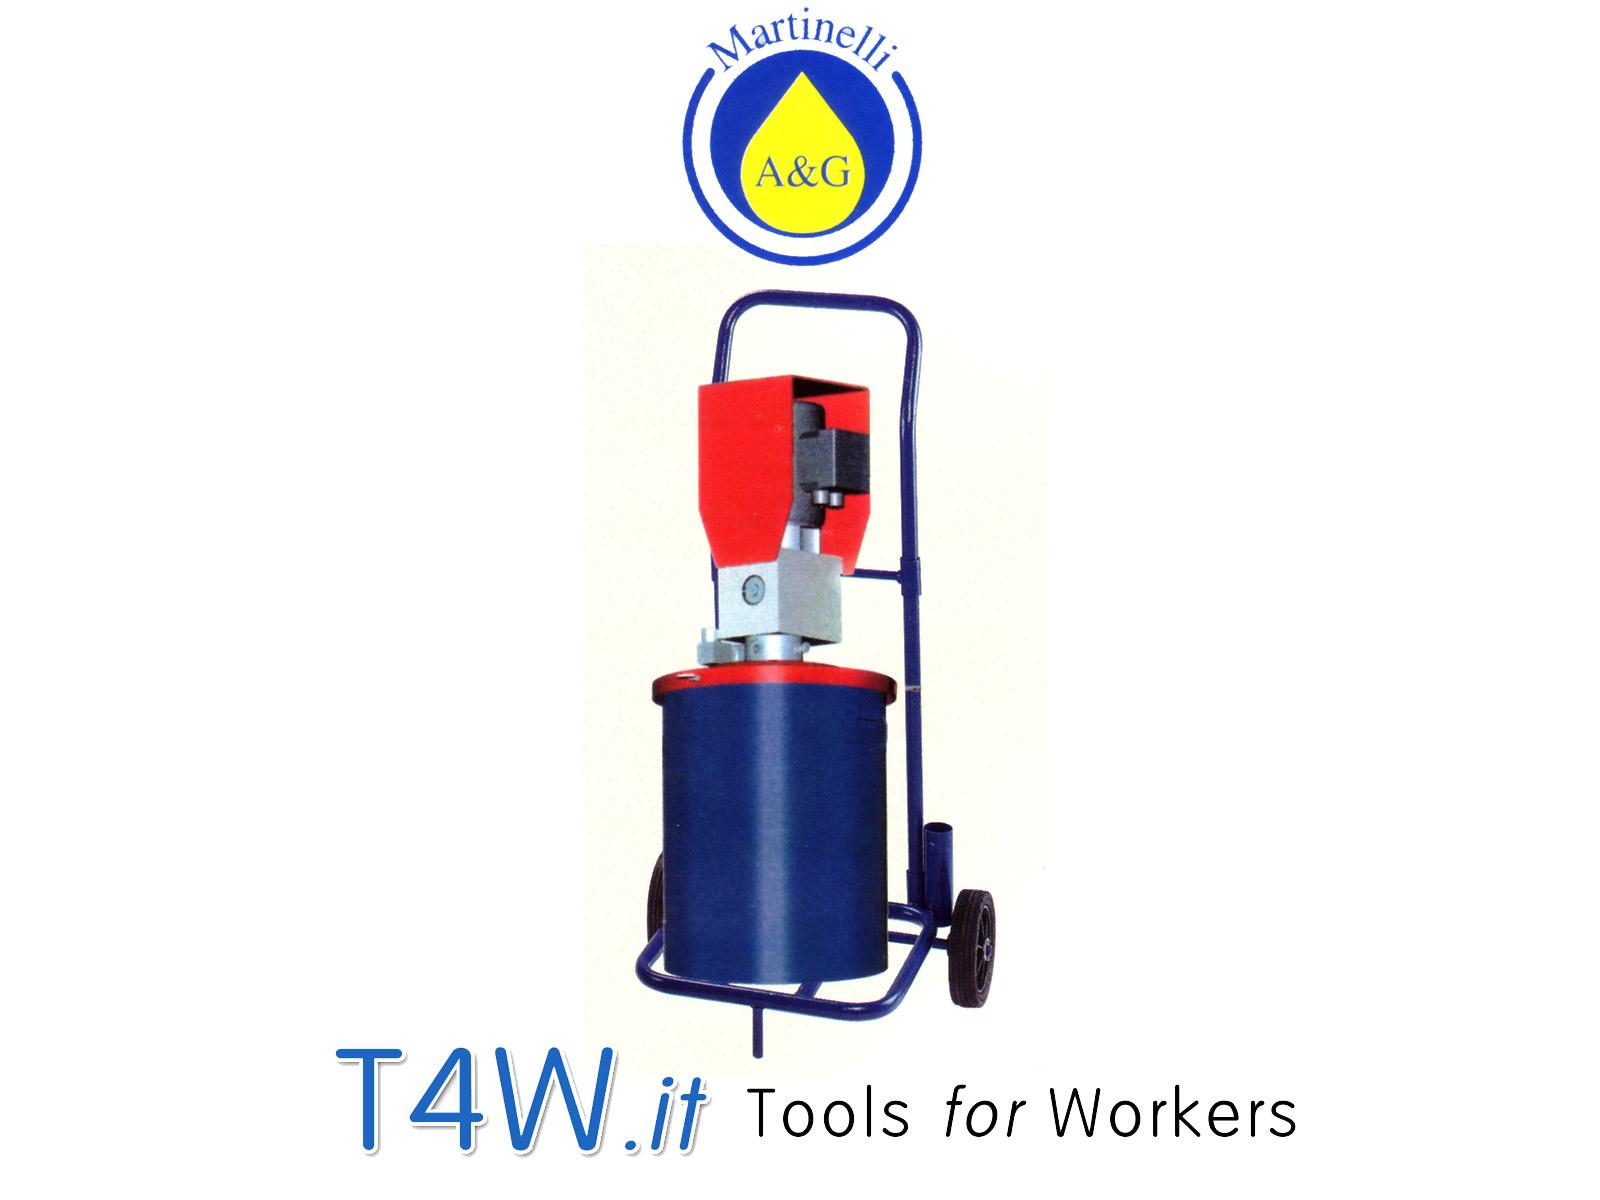 Pompa per grasso elettrica ABNOX con carrello Art. 2570C Martinelli -